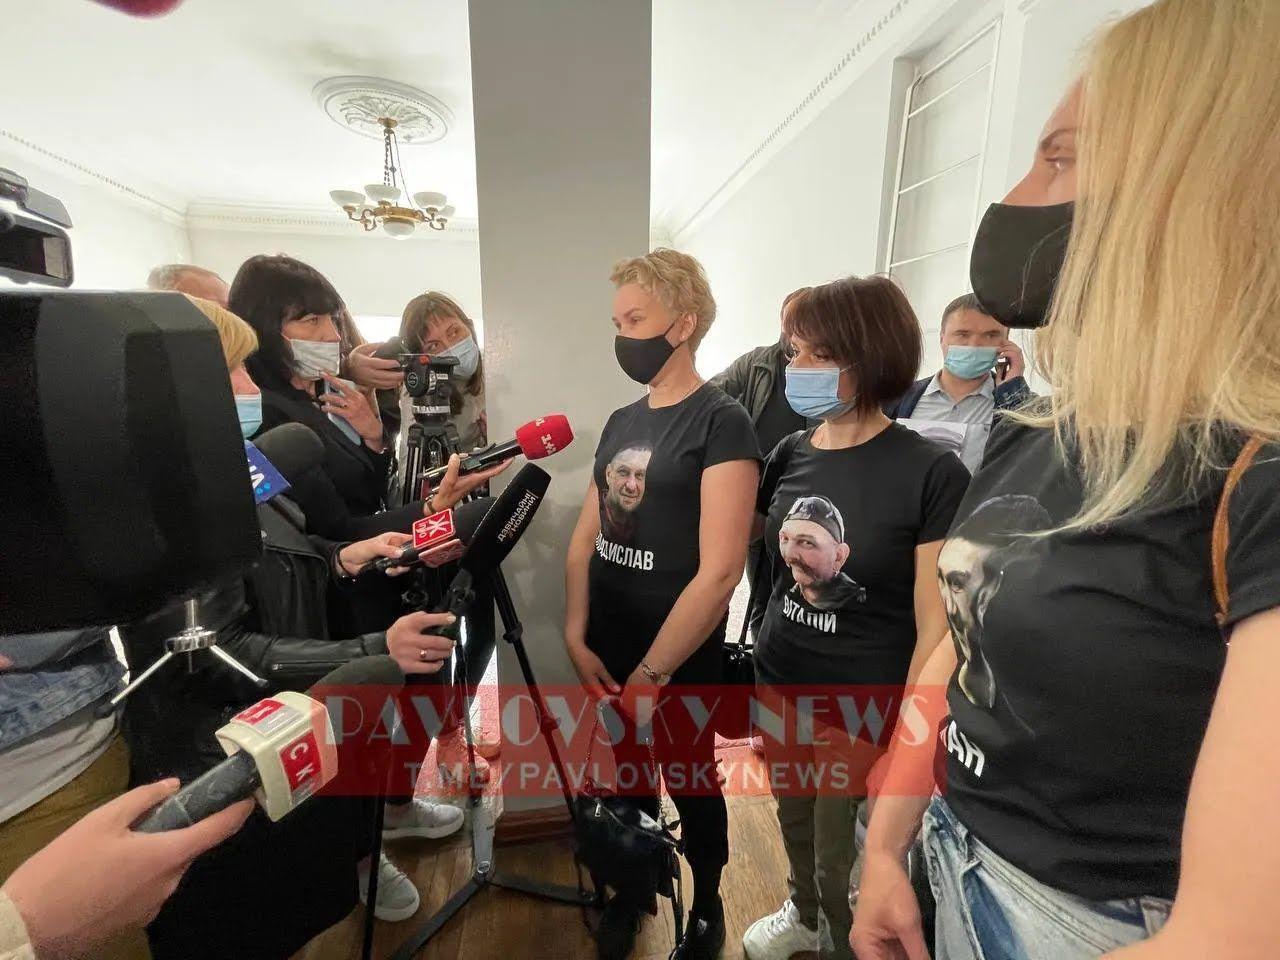 Жены убитых пришли в суд с их фото на футболках